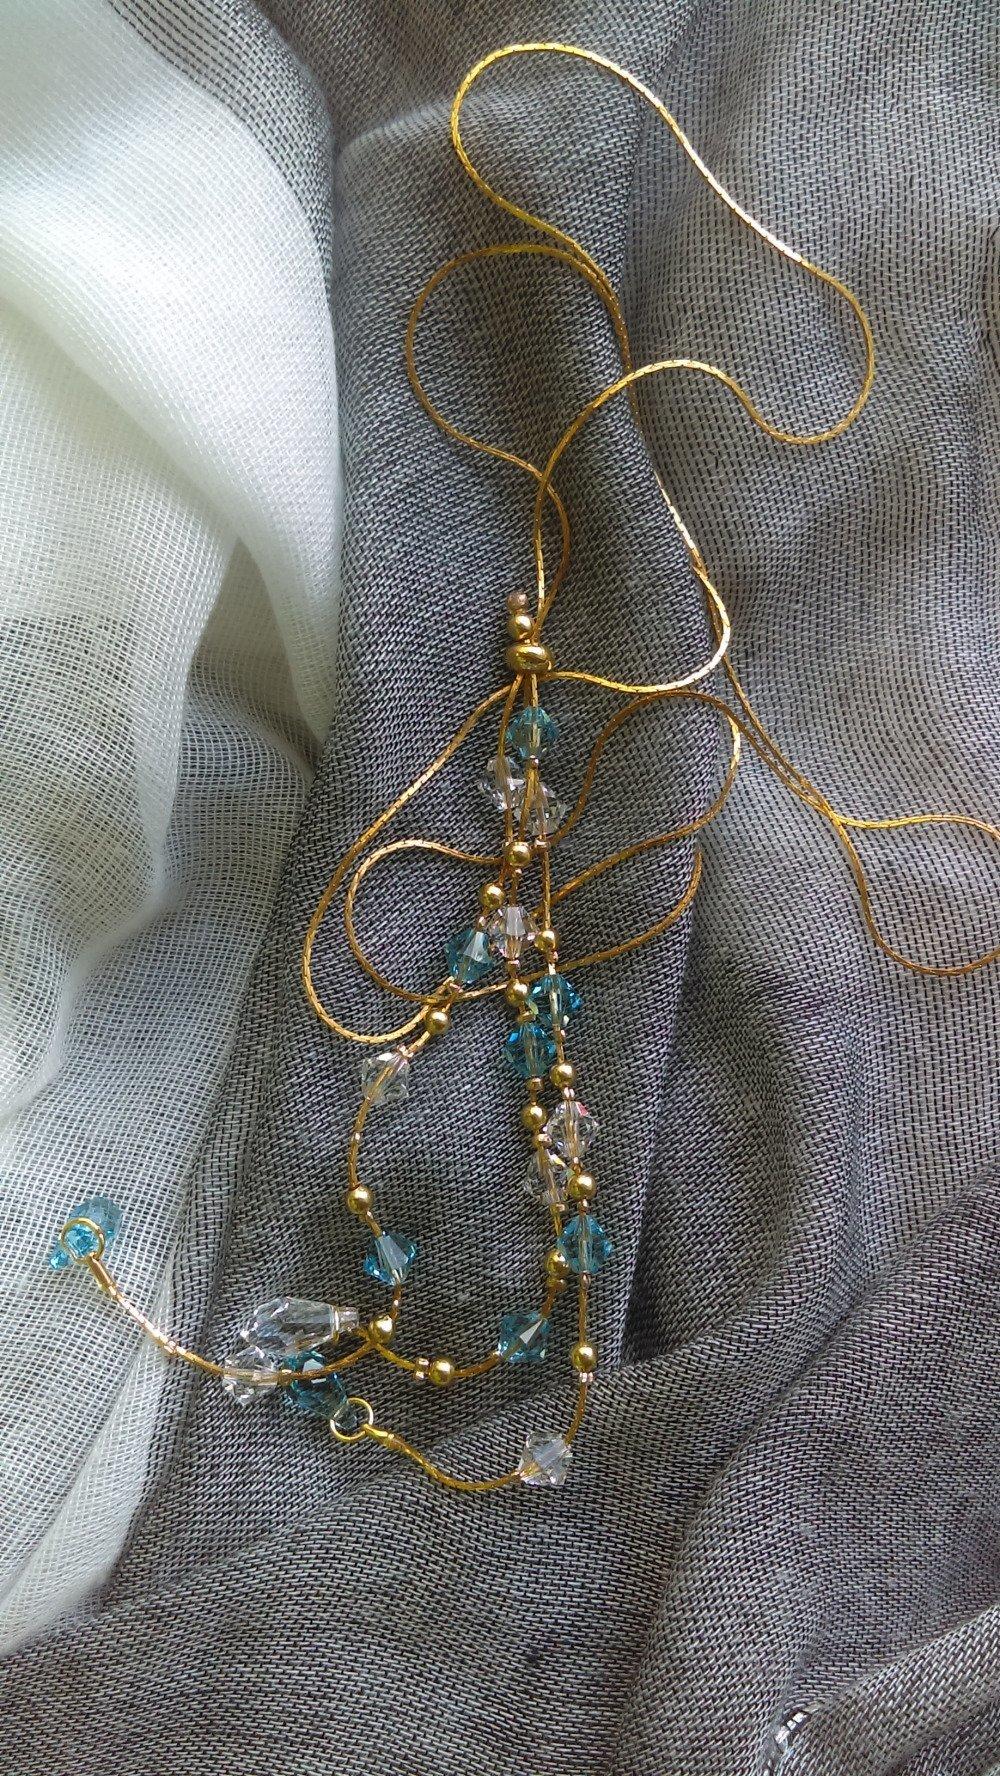 Collier sautoir chaine serpent dorée et perles swarovski blanc-bleu